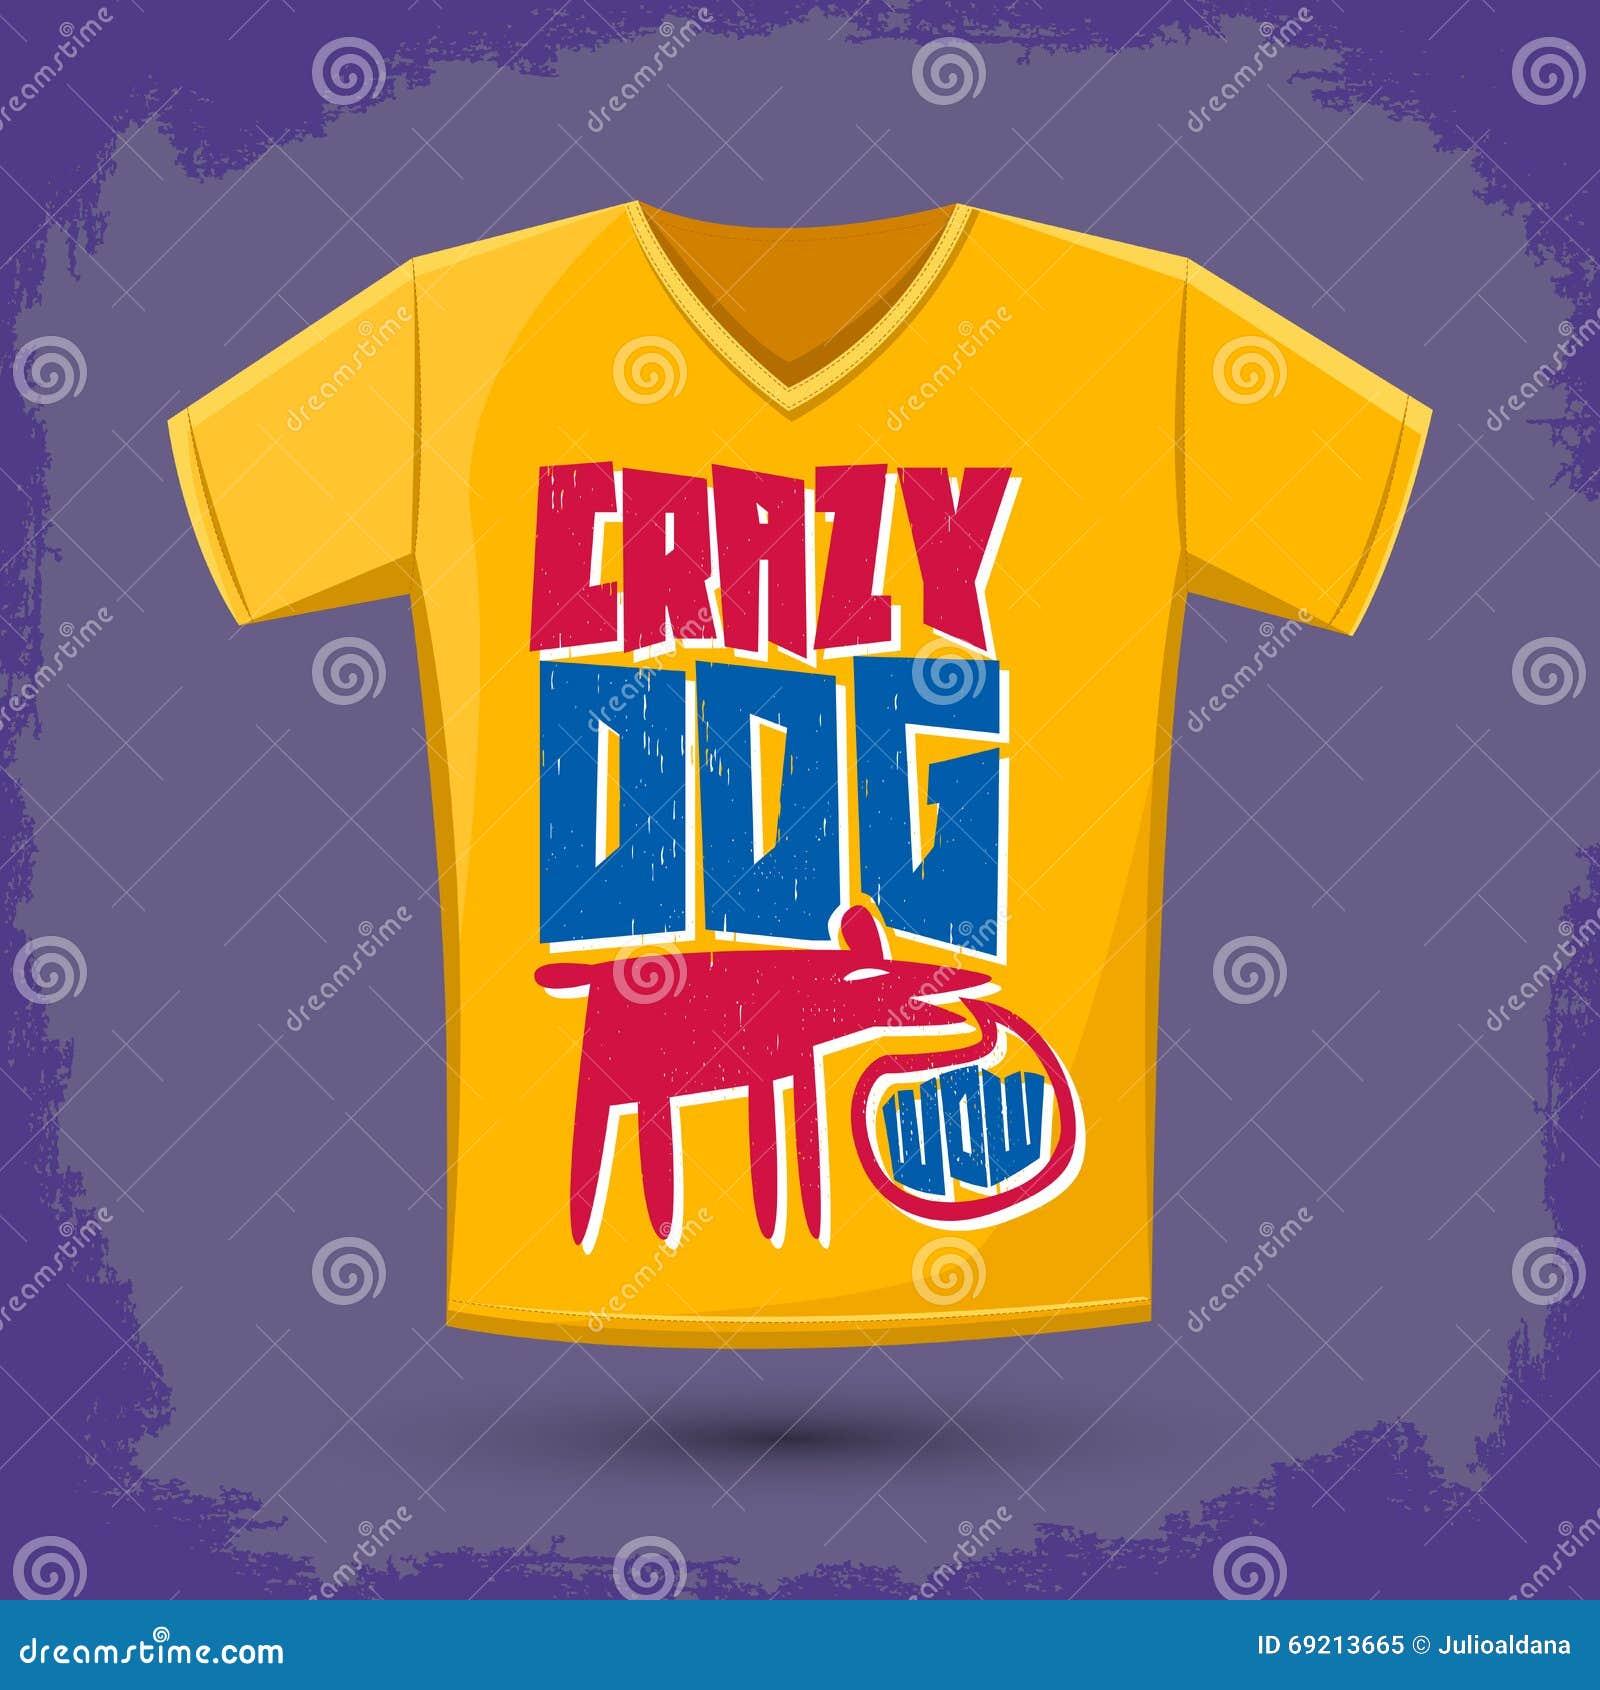 Shirt design eps - Graphic T Shirt Design Crazy Dog